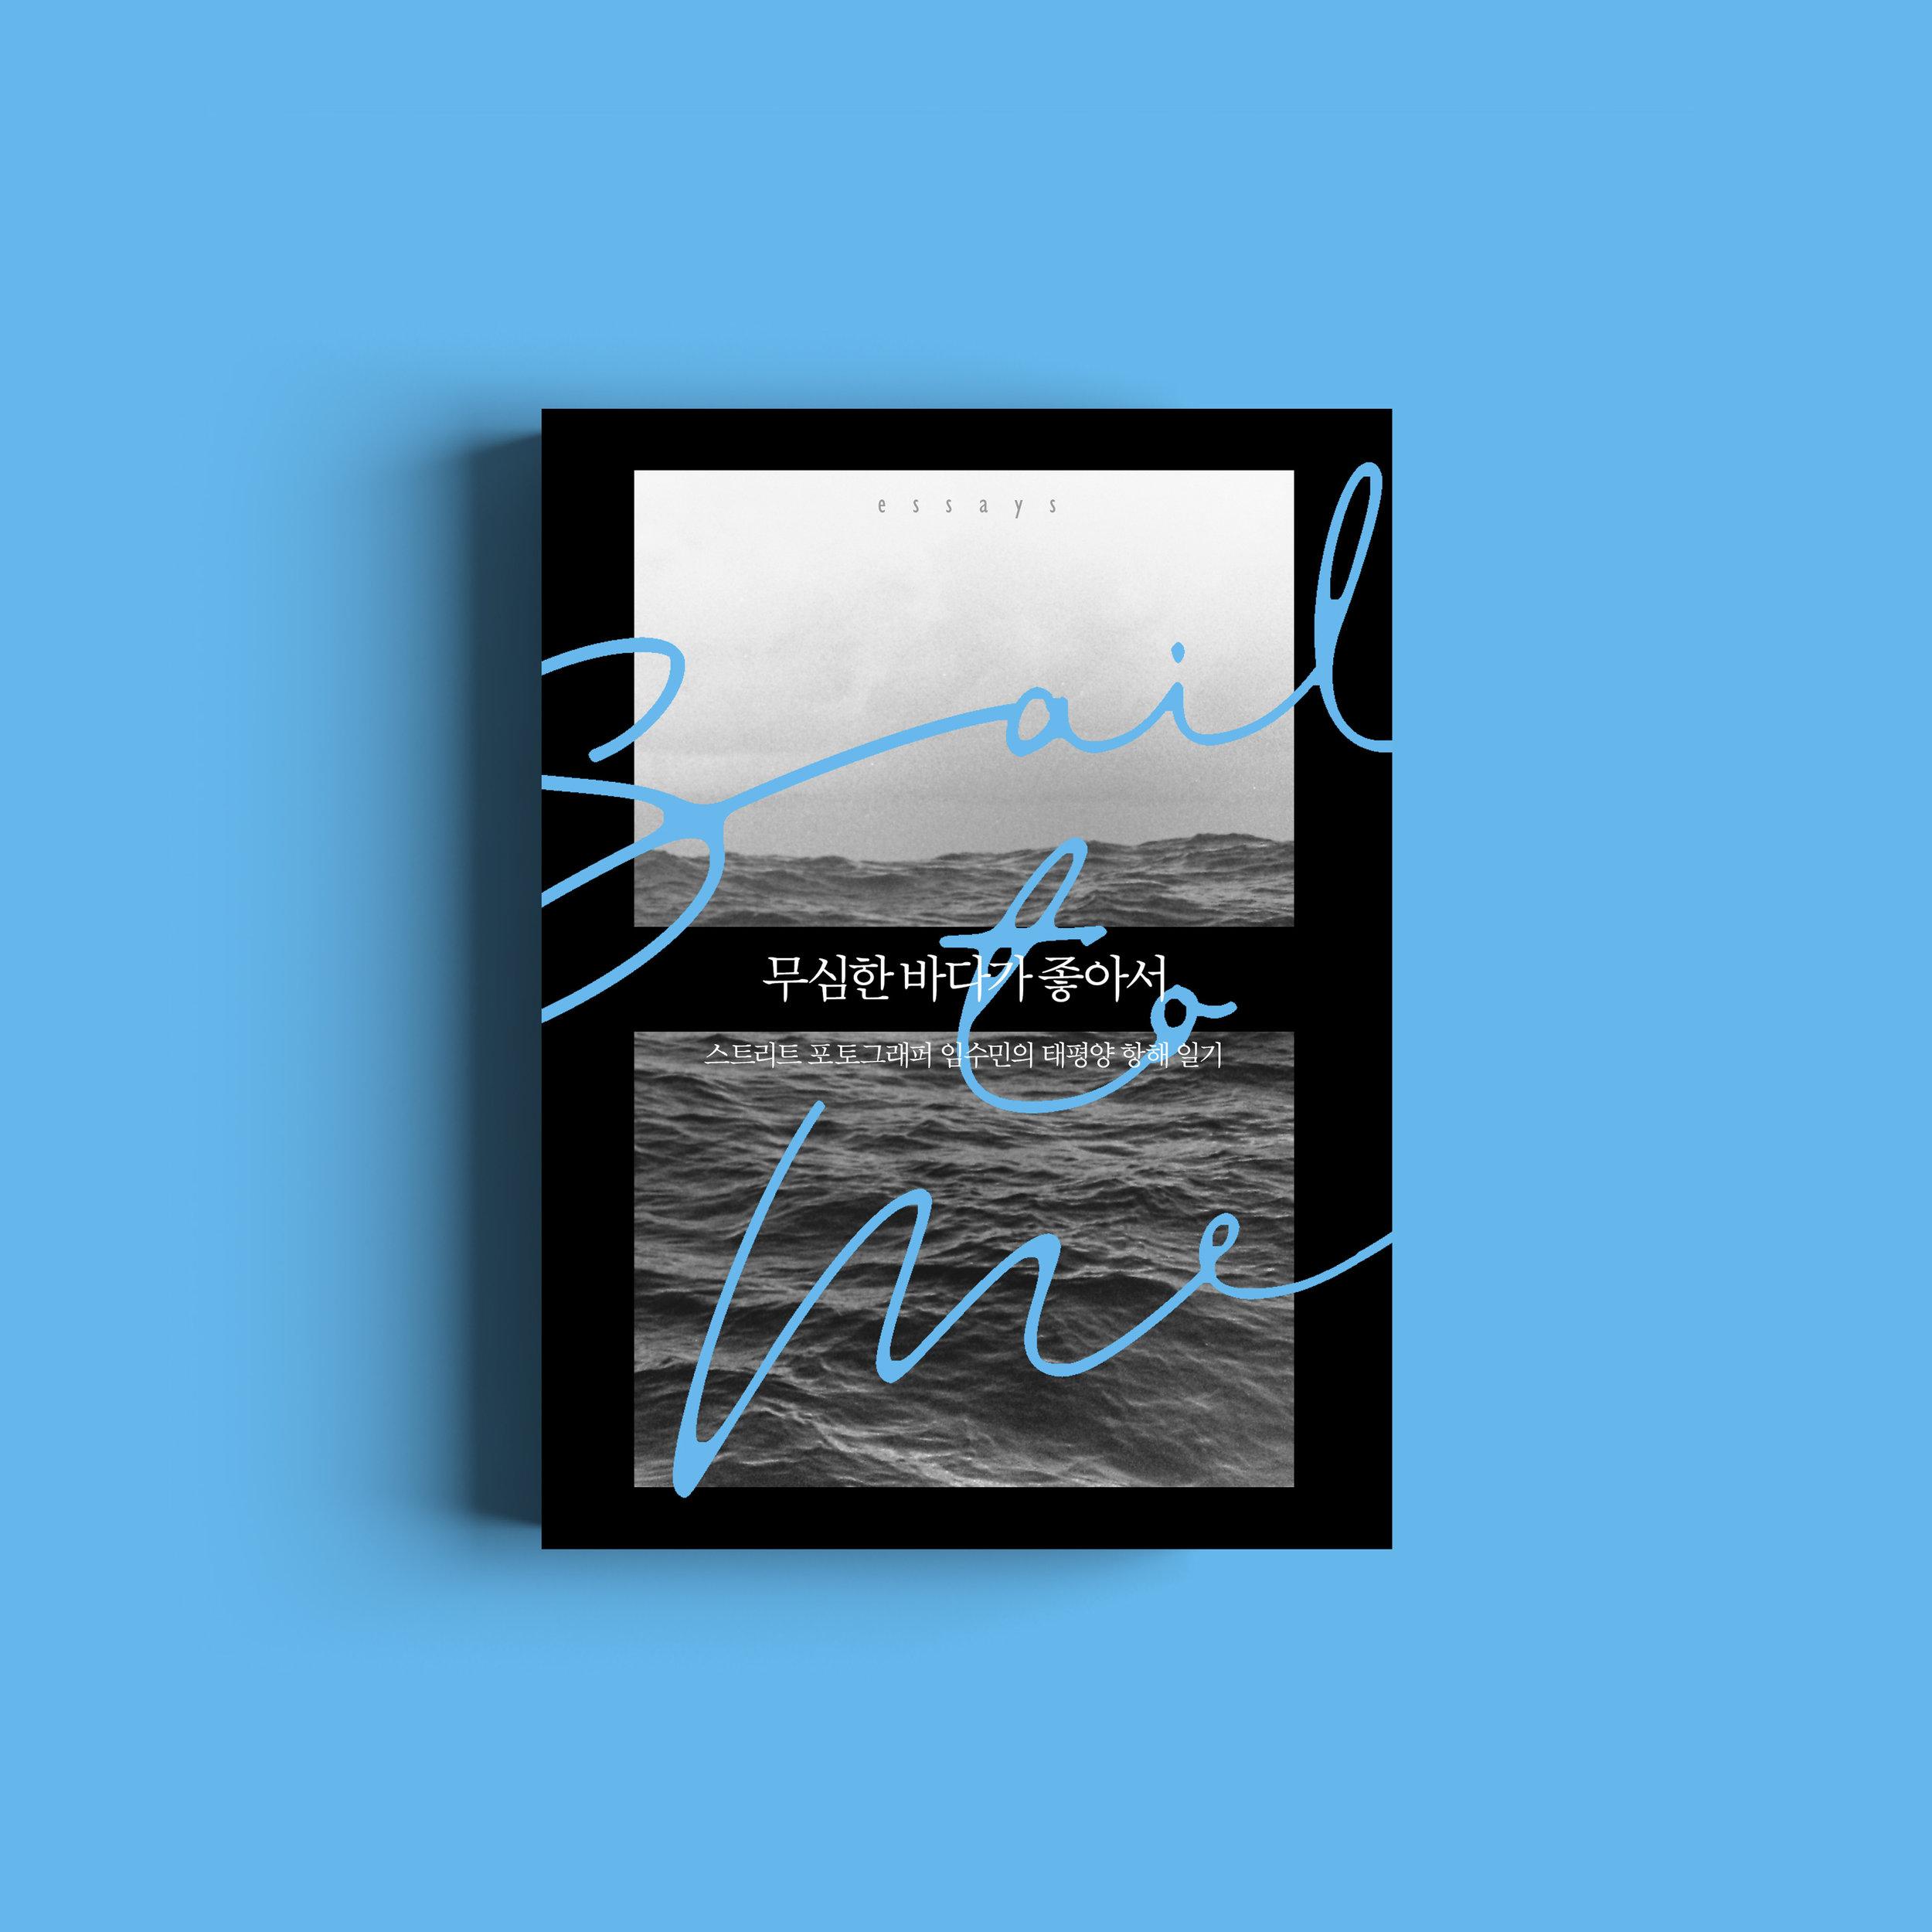 5개월간 요트를 타고 태평양을 항해한 기록을 담은 책 <무심한 바다가 좋아서>